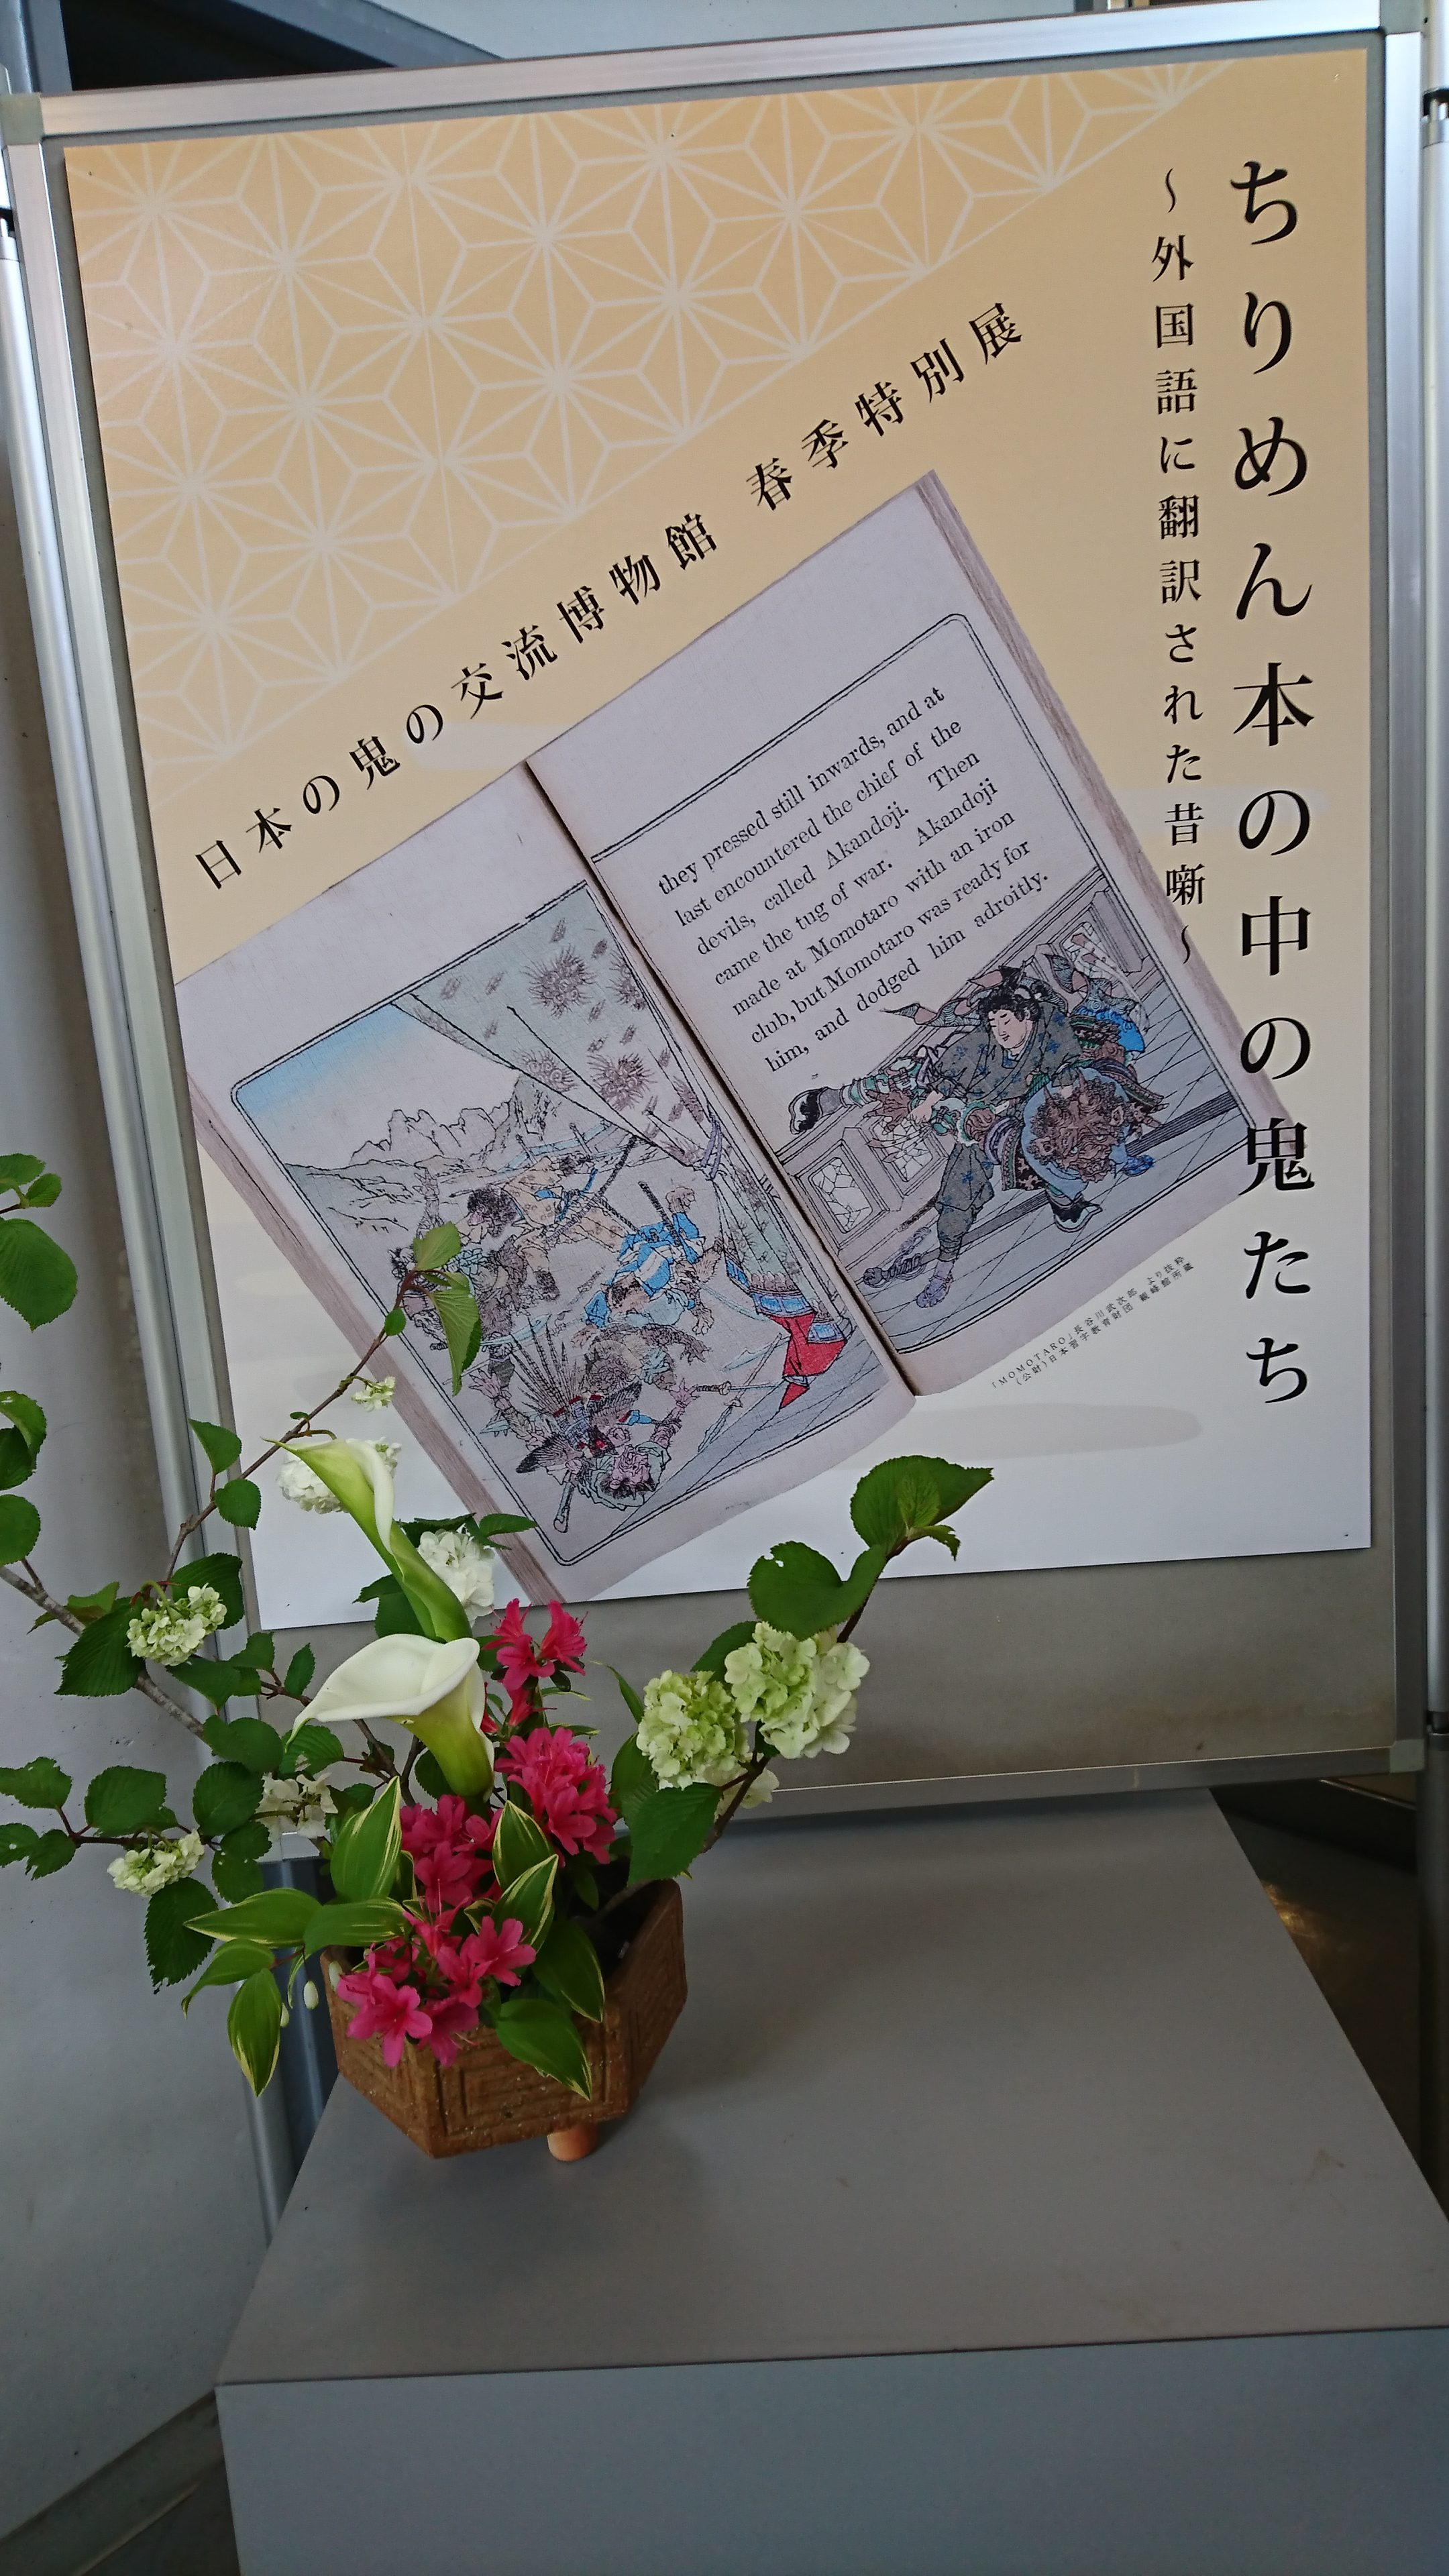 春季特別展 4月21日~6月3日まで